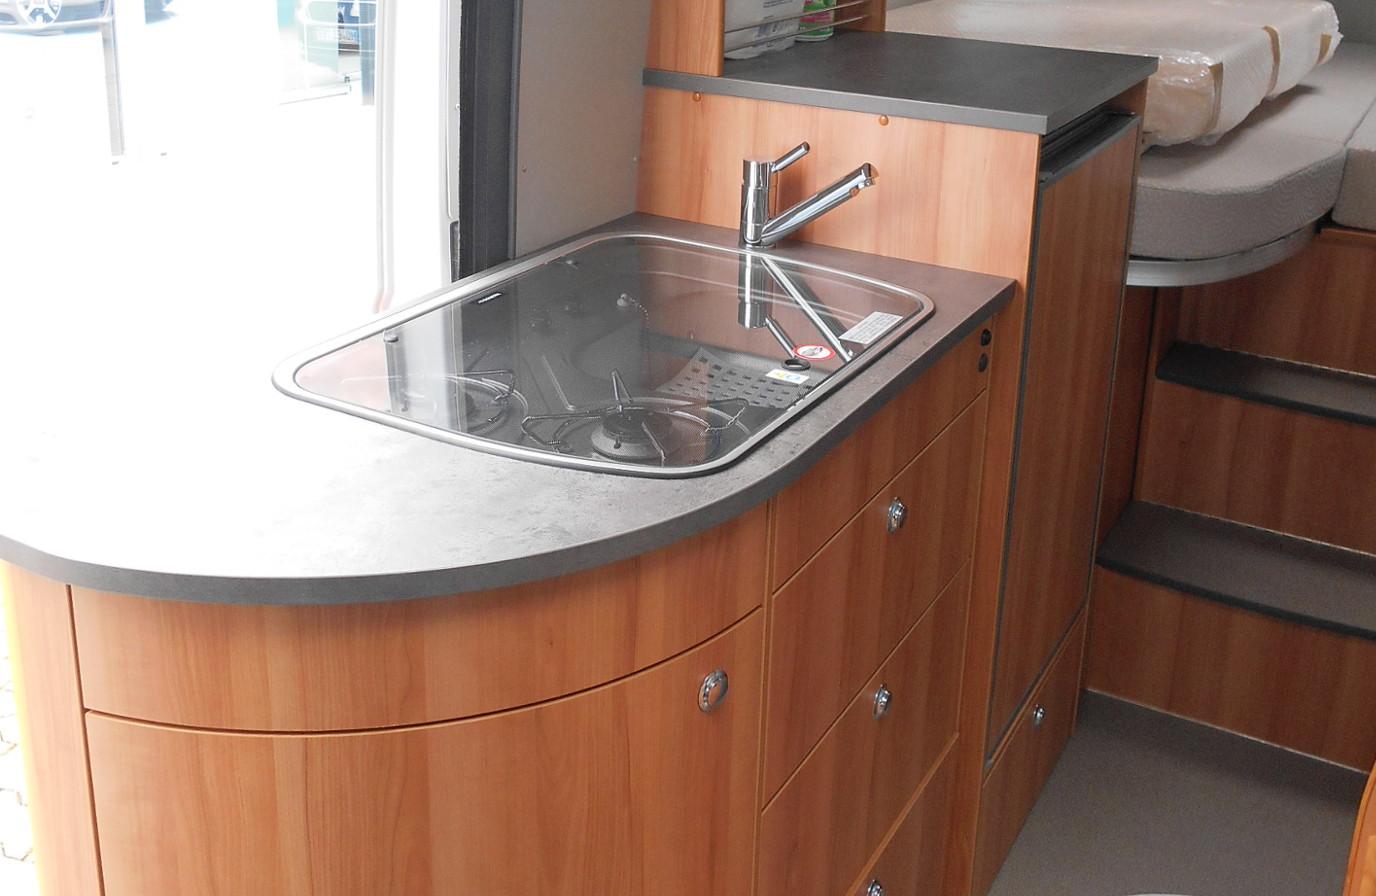 Wohnmobil mieten - Summit 640 - Küchenzeile